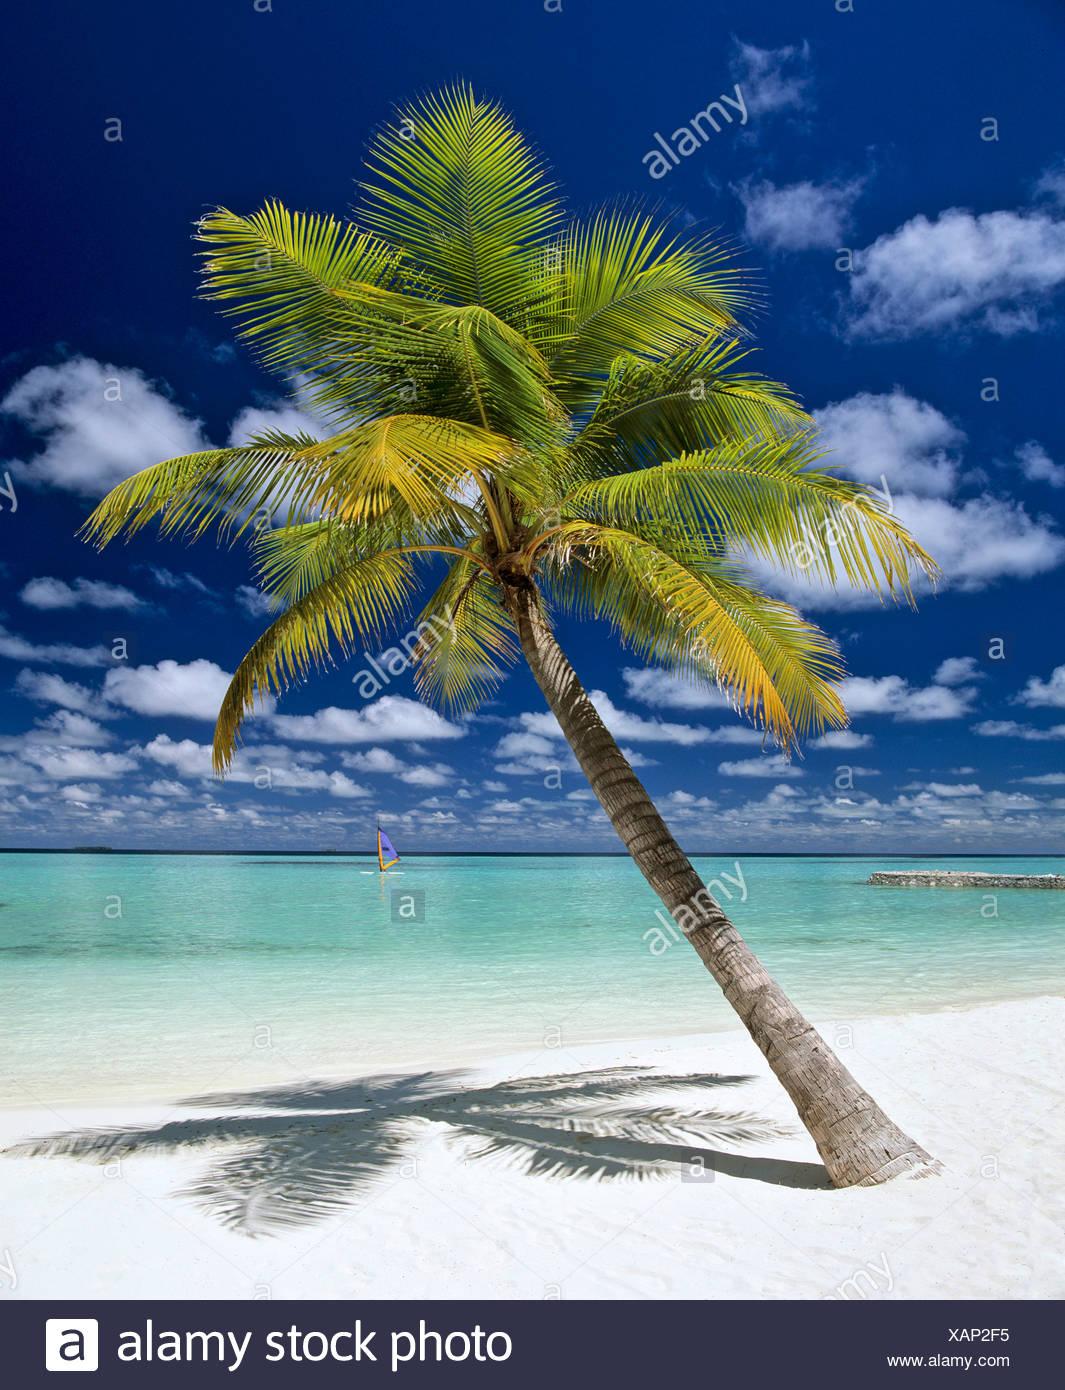 Palm Tree, la spiaggia e il windsurf, Maldive, Oceano Indiano Immagini Stock